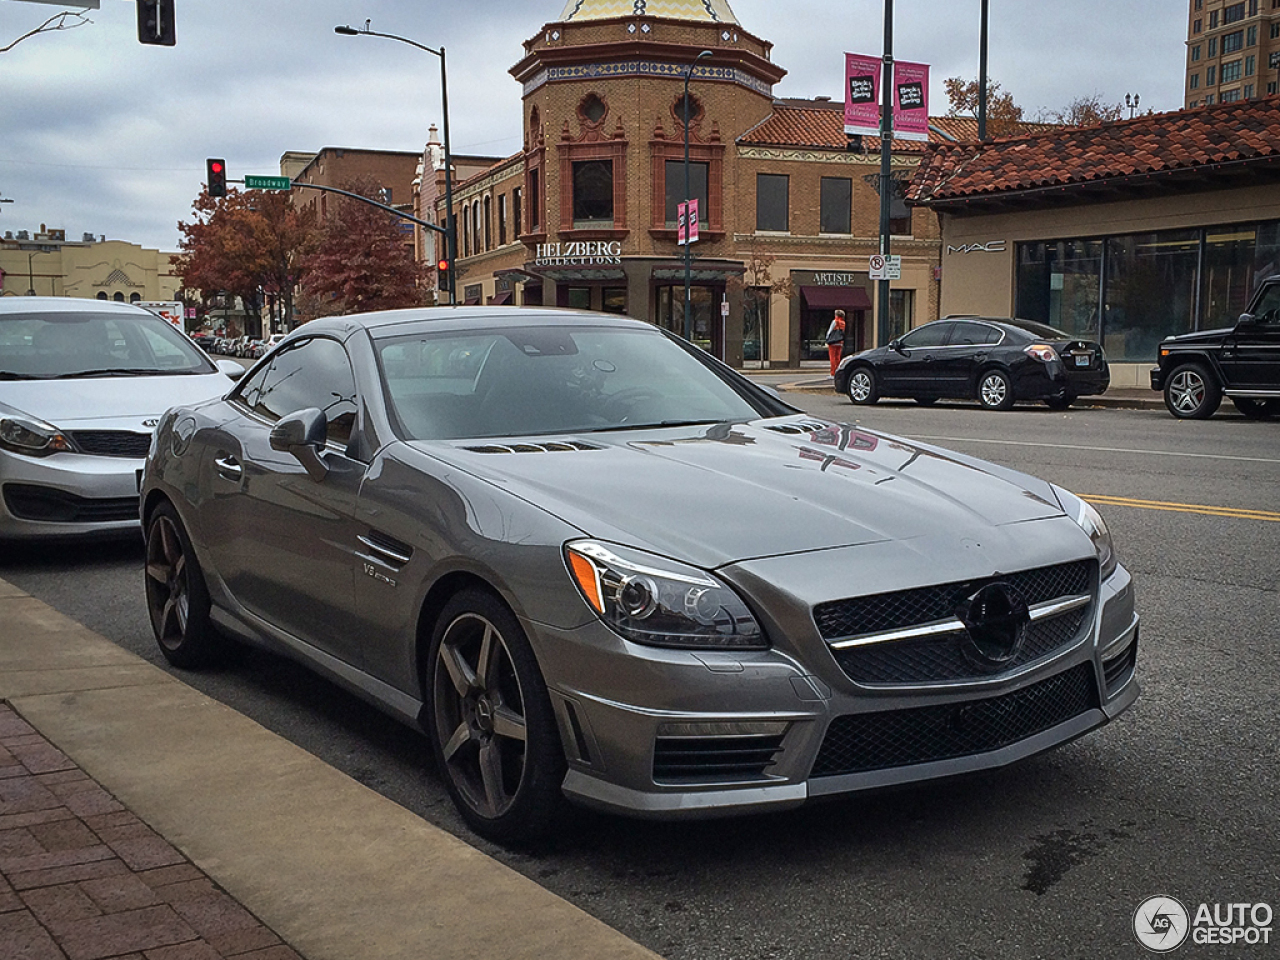 Image gallery slk 55 amg 2015 for Mercedes benz slk 55 amg special edition